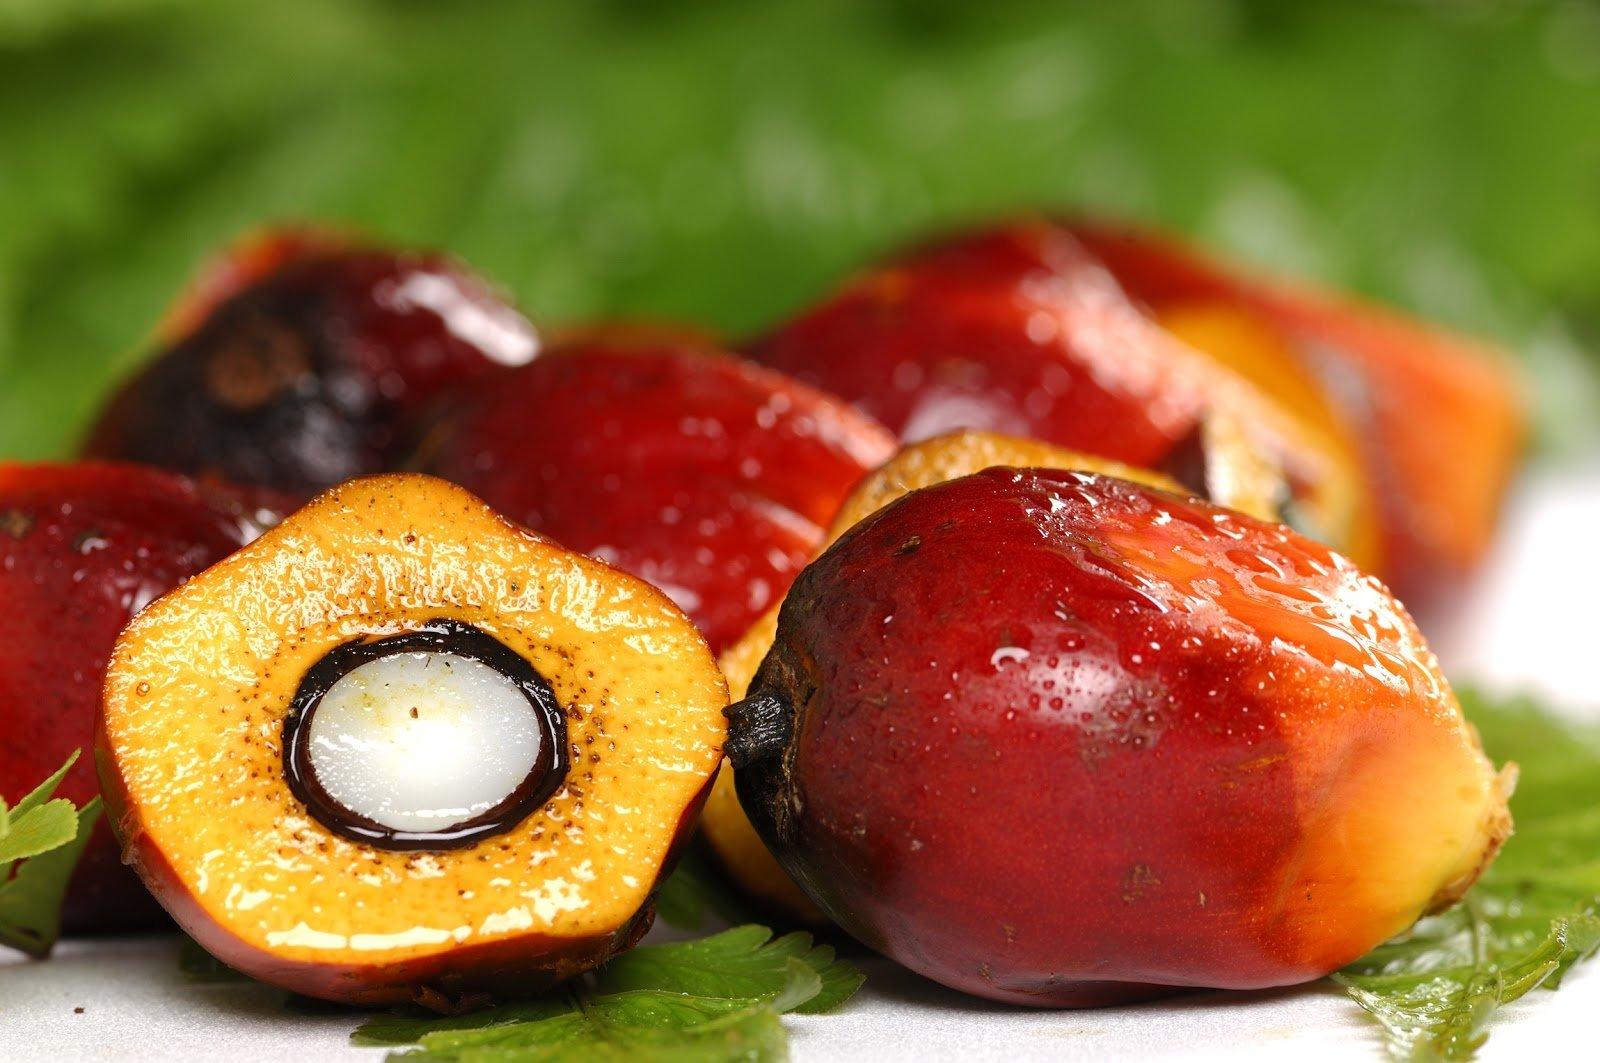 El fruit de la palma què és fa servir per elaborar l'oli de palma